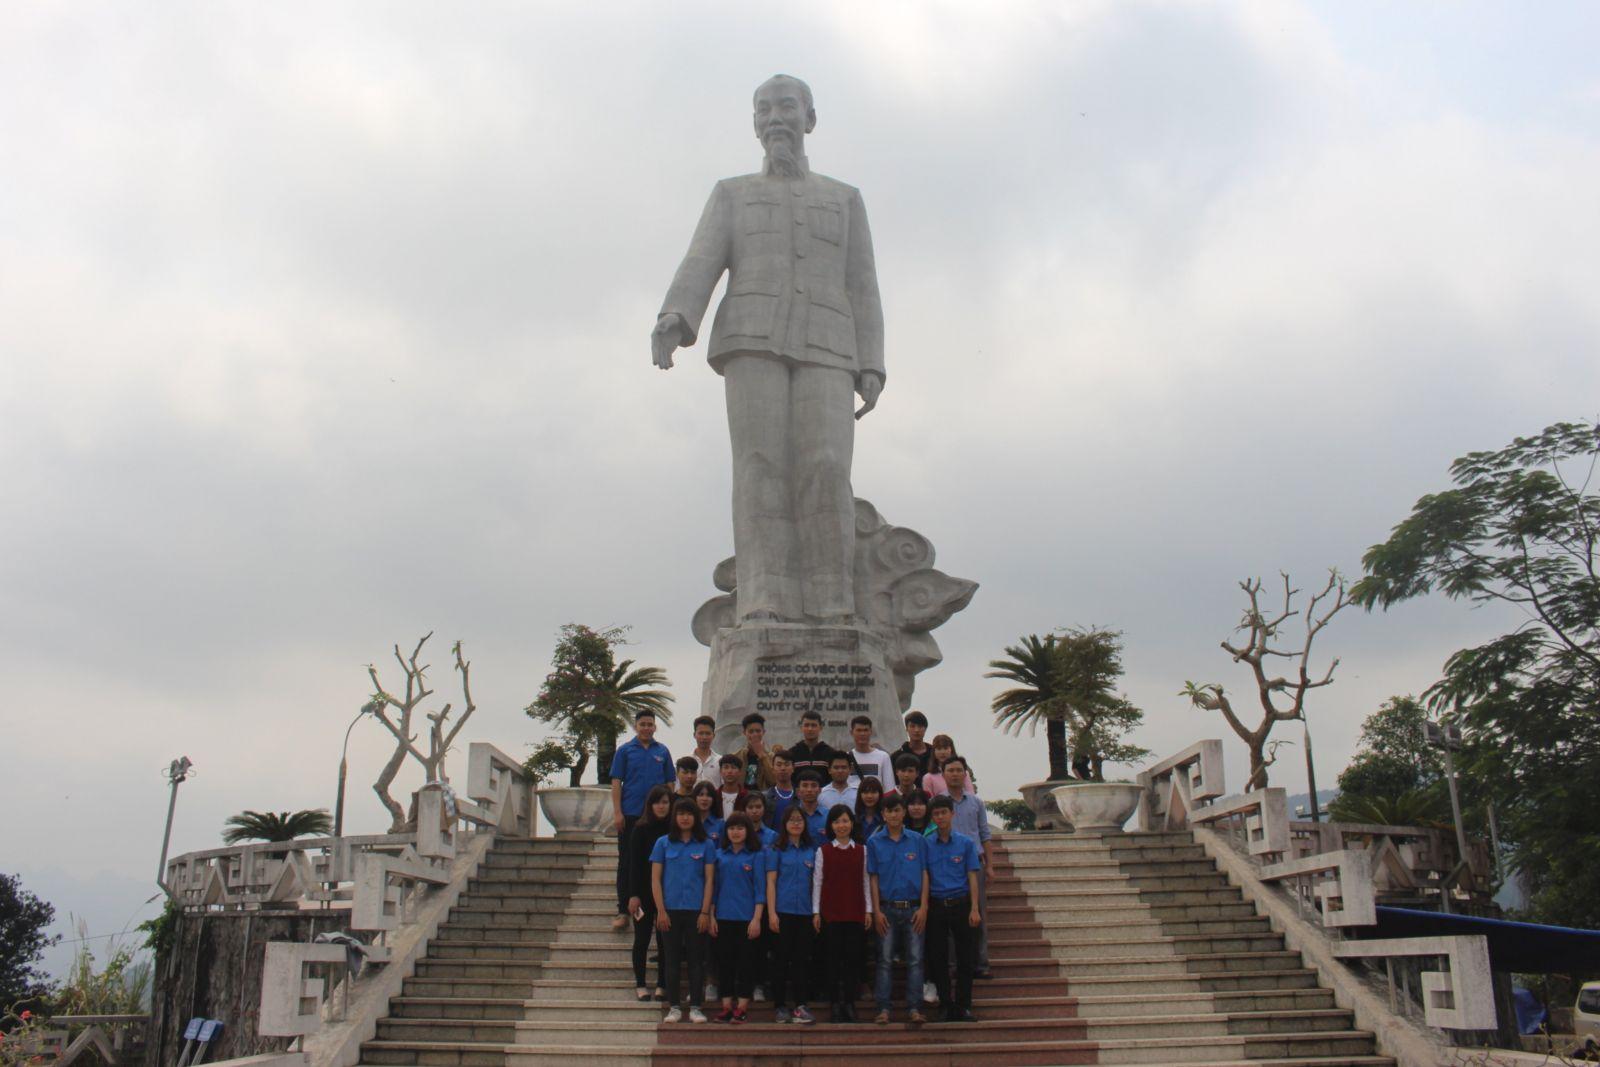 Đoàn trường Cao đẳng cơ điện Thủy lợi Hưng Yên tổ chức thăm địa chỉ đỏ